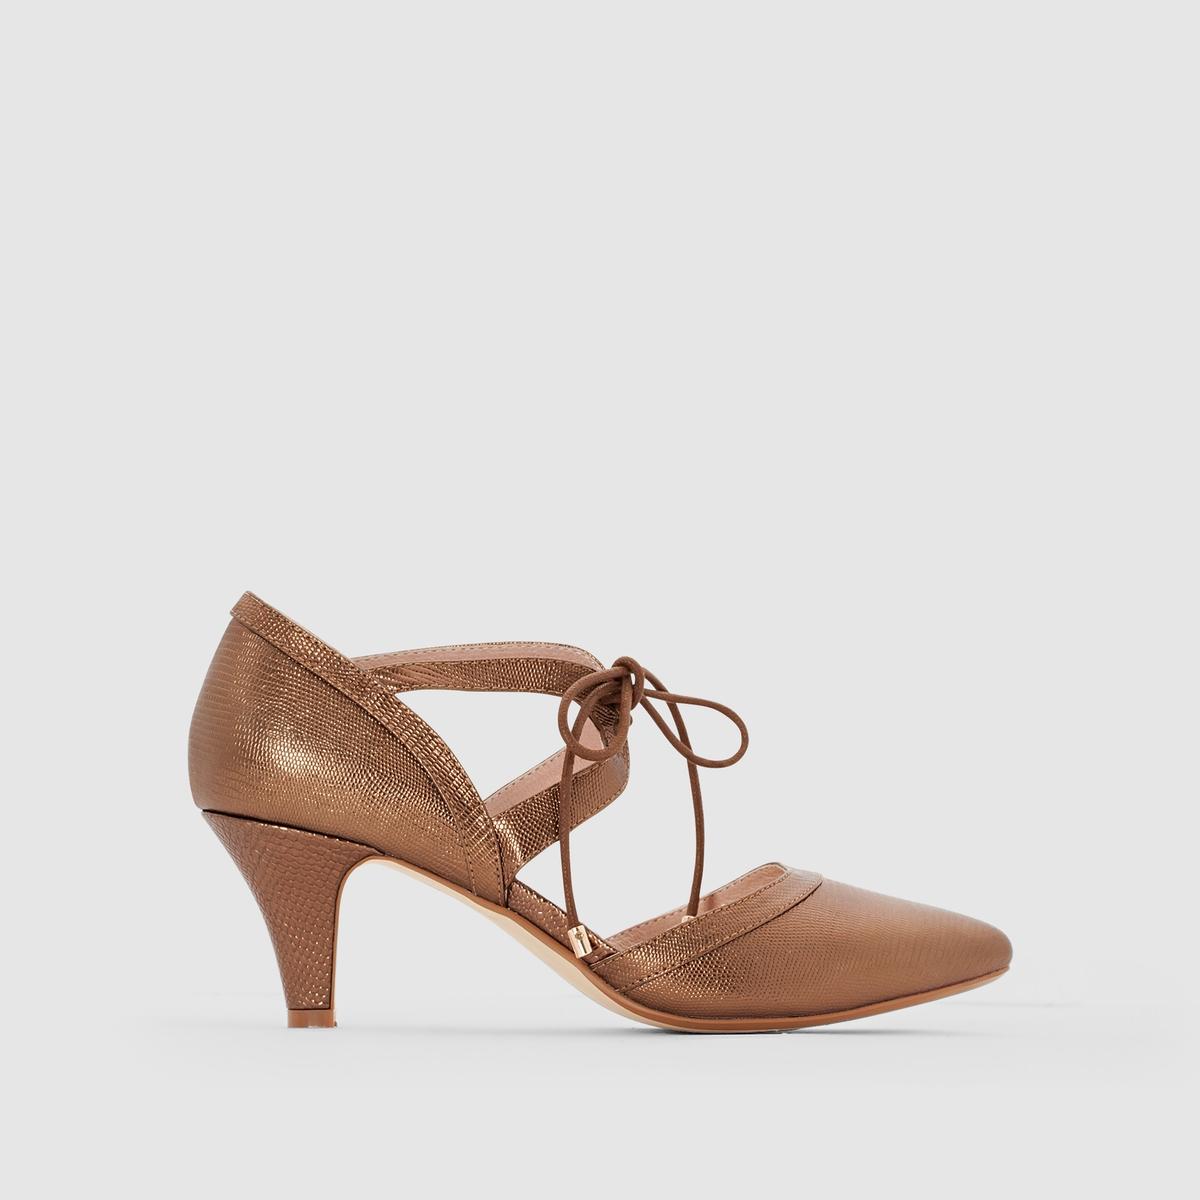 Туфли с металлическим отливом из кожиТуфли Anne Weyburn, на шнуровке.Верх : лакированная кожаПодкладка : кожа Стелька : кожа на пористой основеПодошва : из эластомераВысота каблука : 8 см<br><br>Цвет: золотисто-каштановый<br>Размер: 35.37